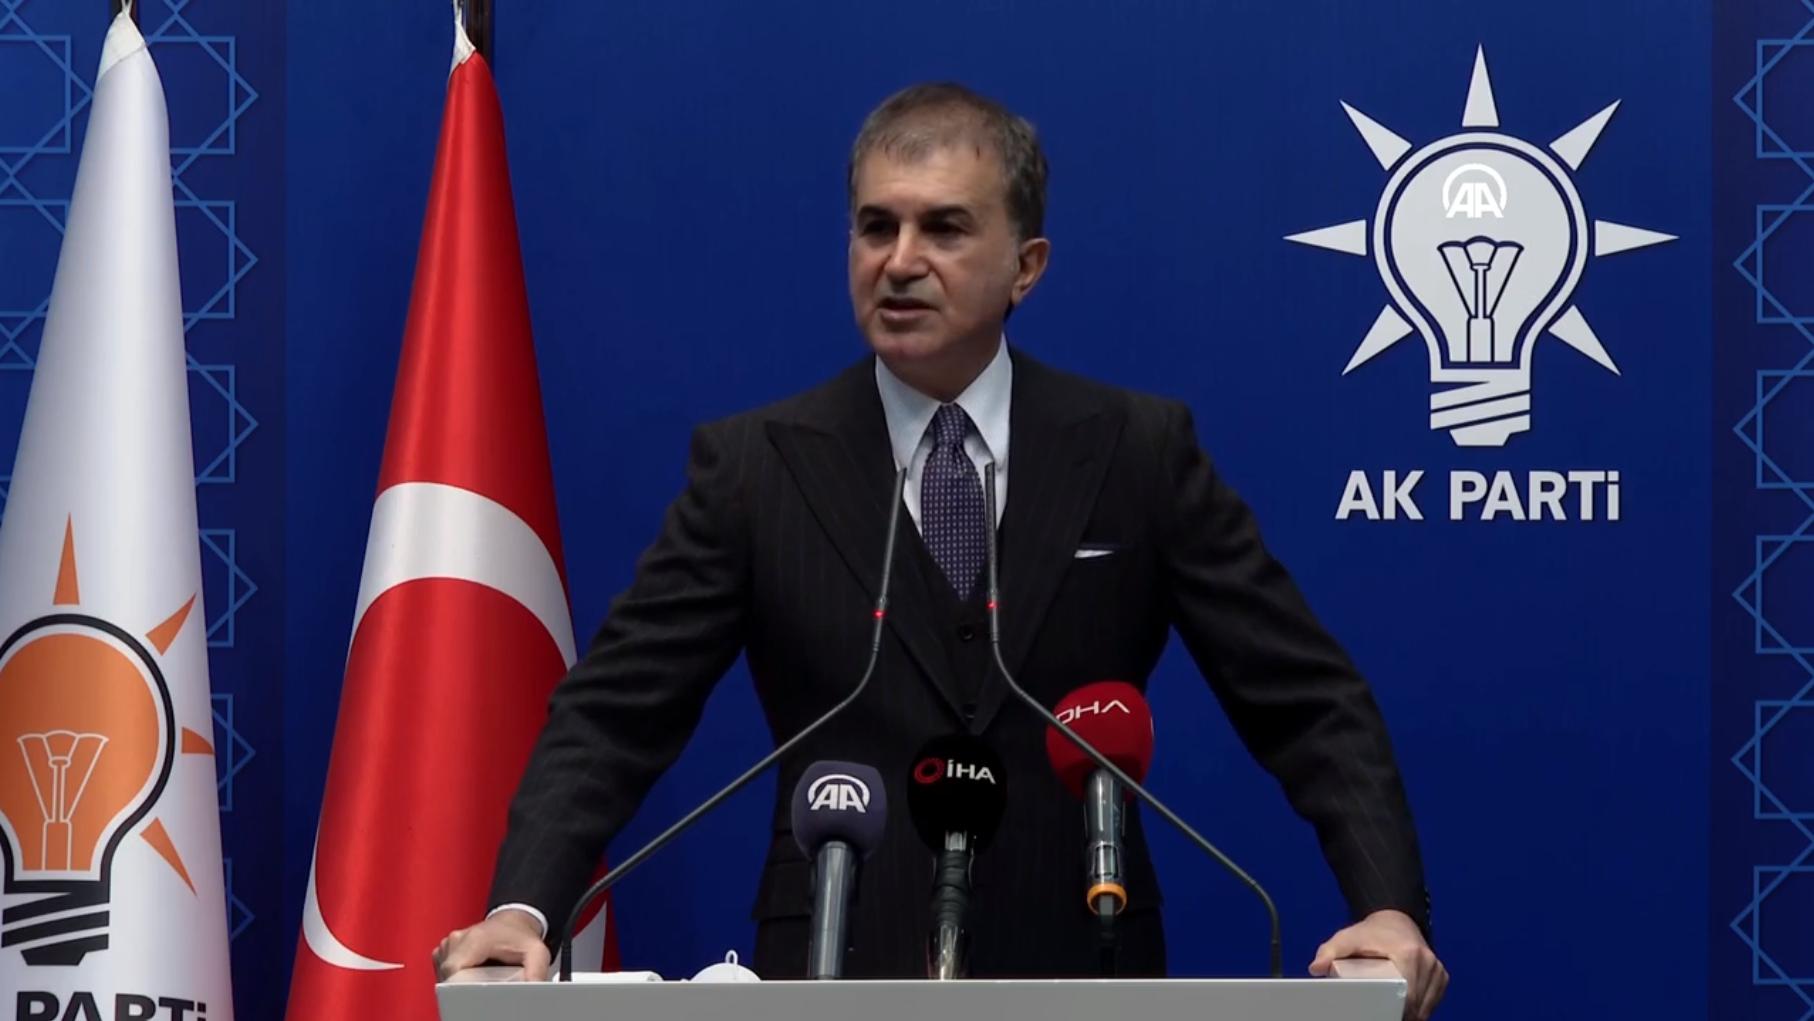 AK Parti MKYK ve MYK toplantısı sonrası Ömer Çelik'ten kritik açıklamalar